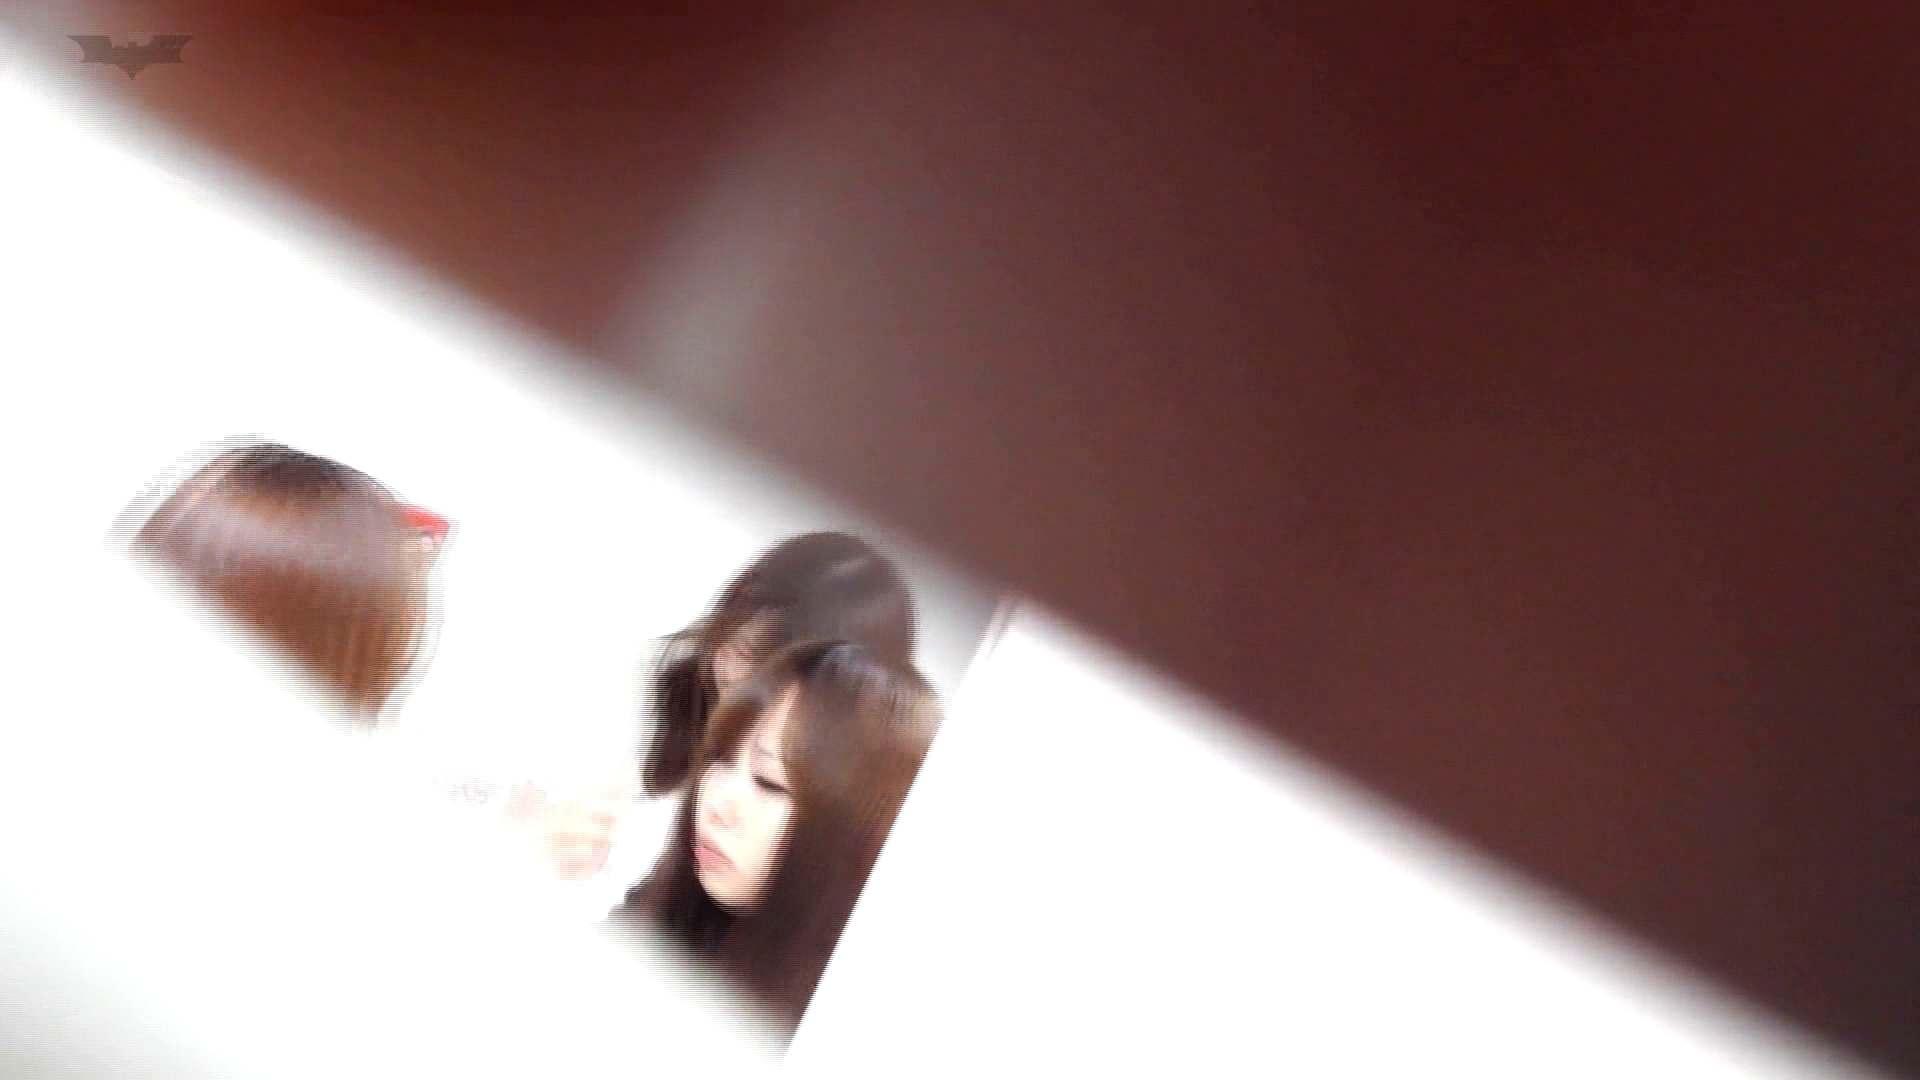 ▲2016_01位▲ 美しい日本の未来 No.27 規格外主人公登場 エッチな盗撮 ワレメ動画紹介 108pic 98